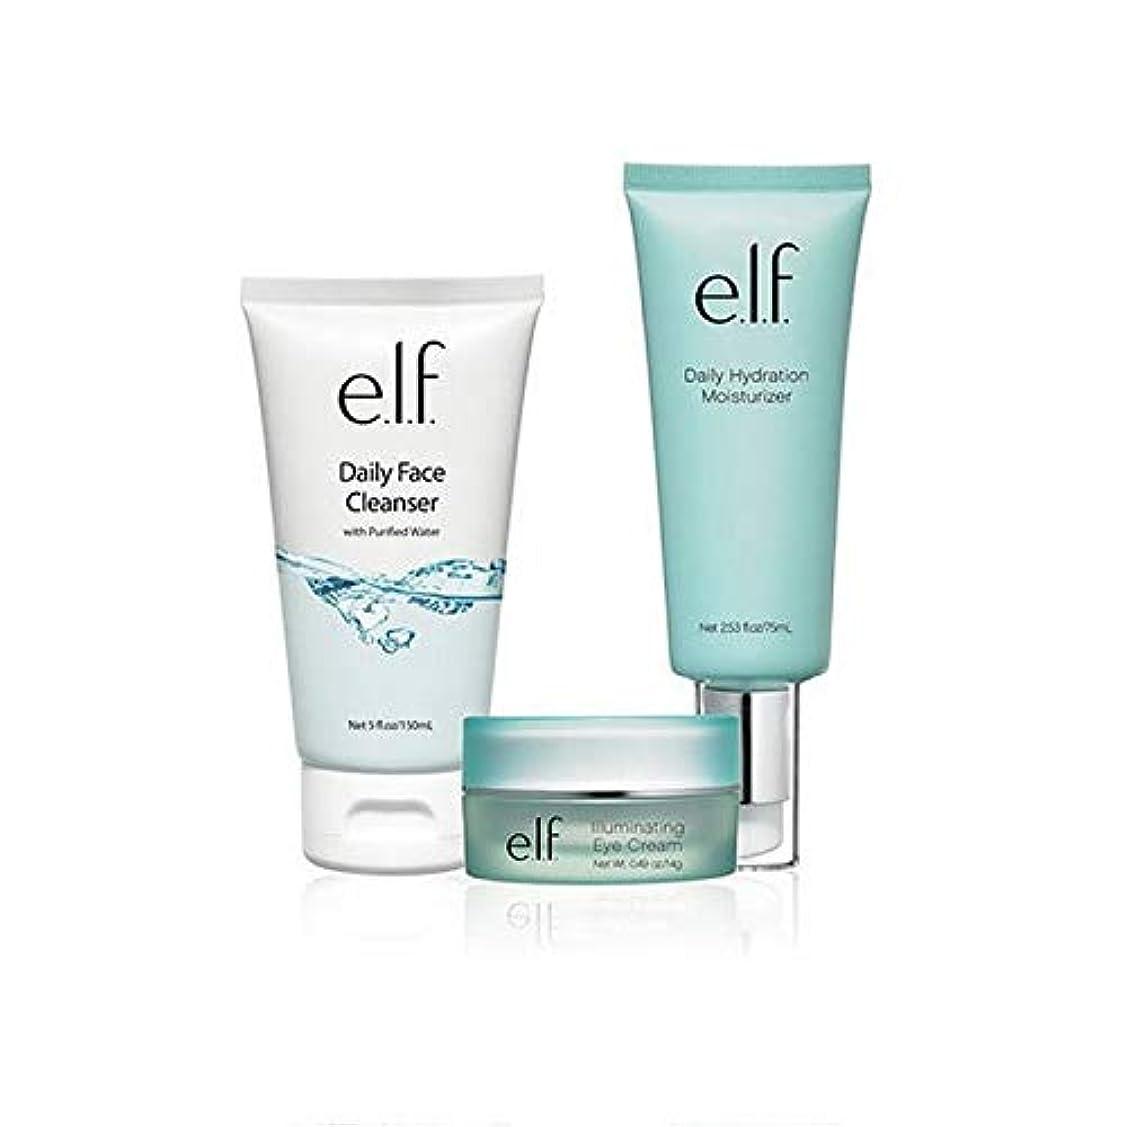 服ウールディレクトリ[Elf] エルフ。フェイシャルスキンケアセット - e.l.f. Facial Skincare Set [並行輸入品]